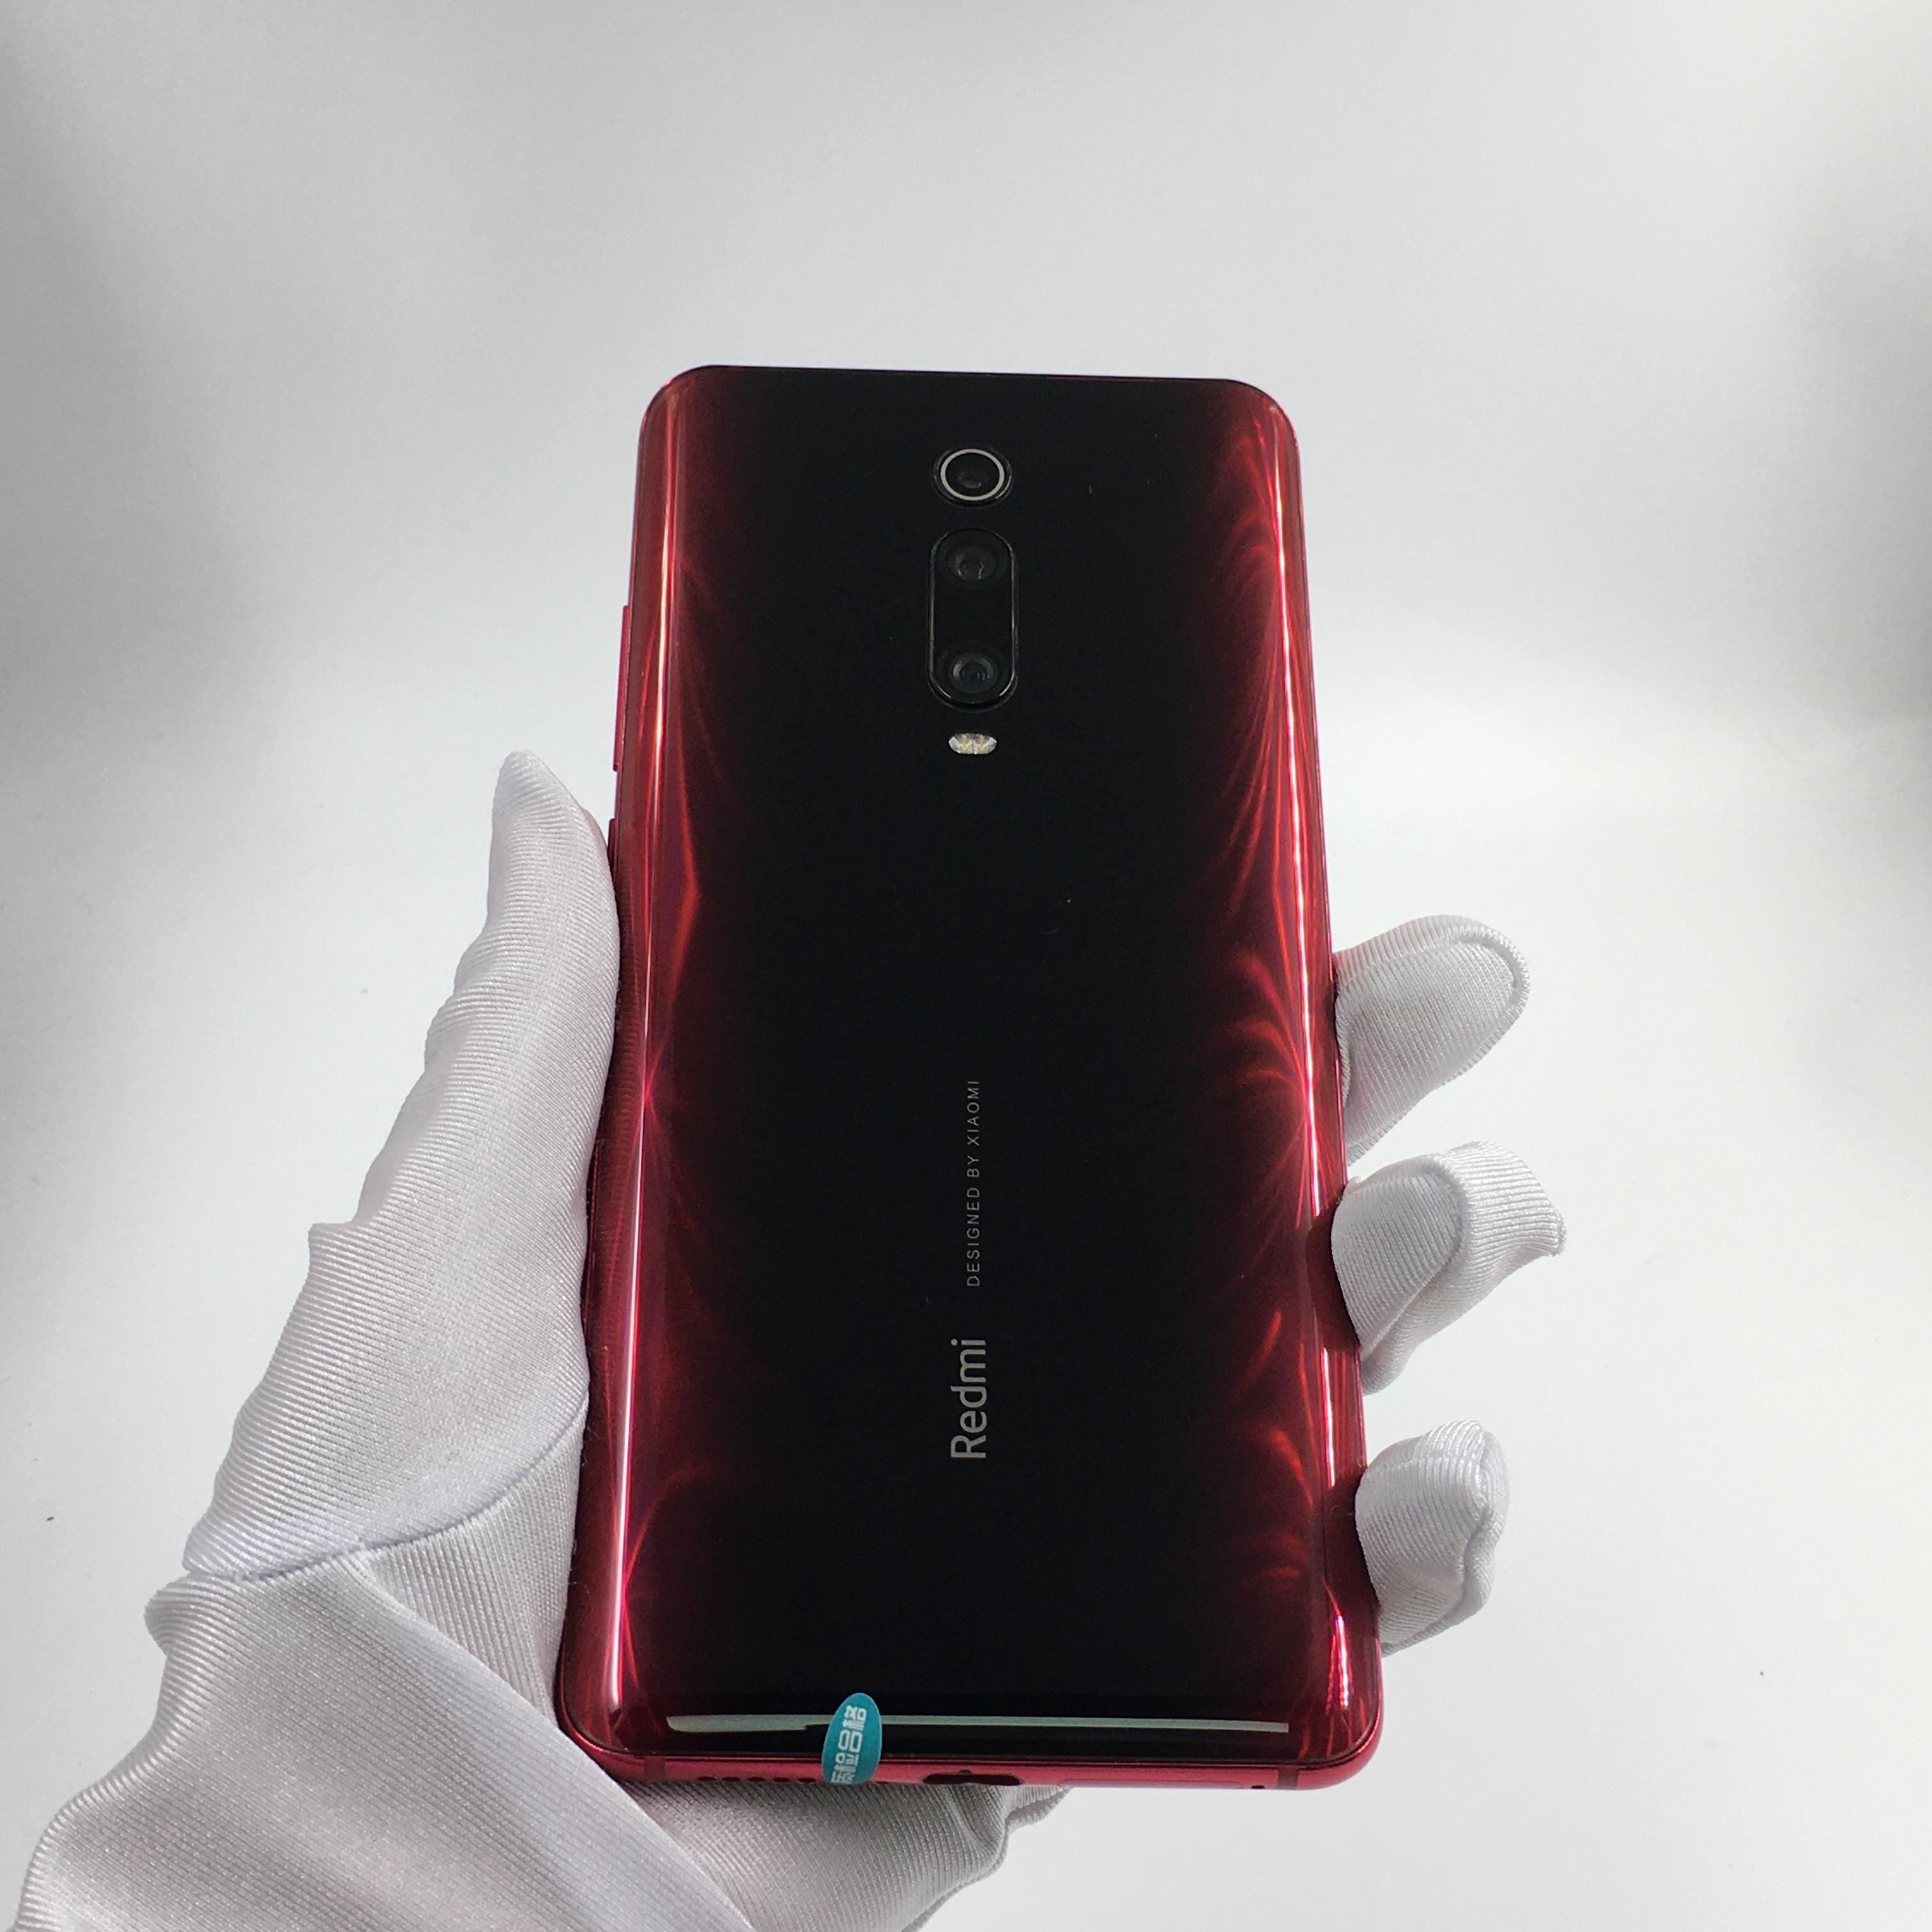 小米【Redmi K20 Pro】4G全网通 红色 8G/256G 国行 9成新 8G/256G真机实拍